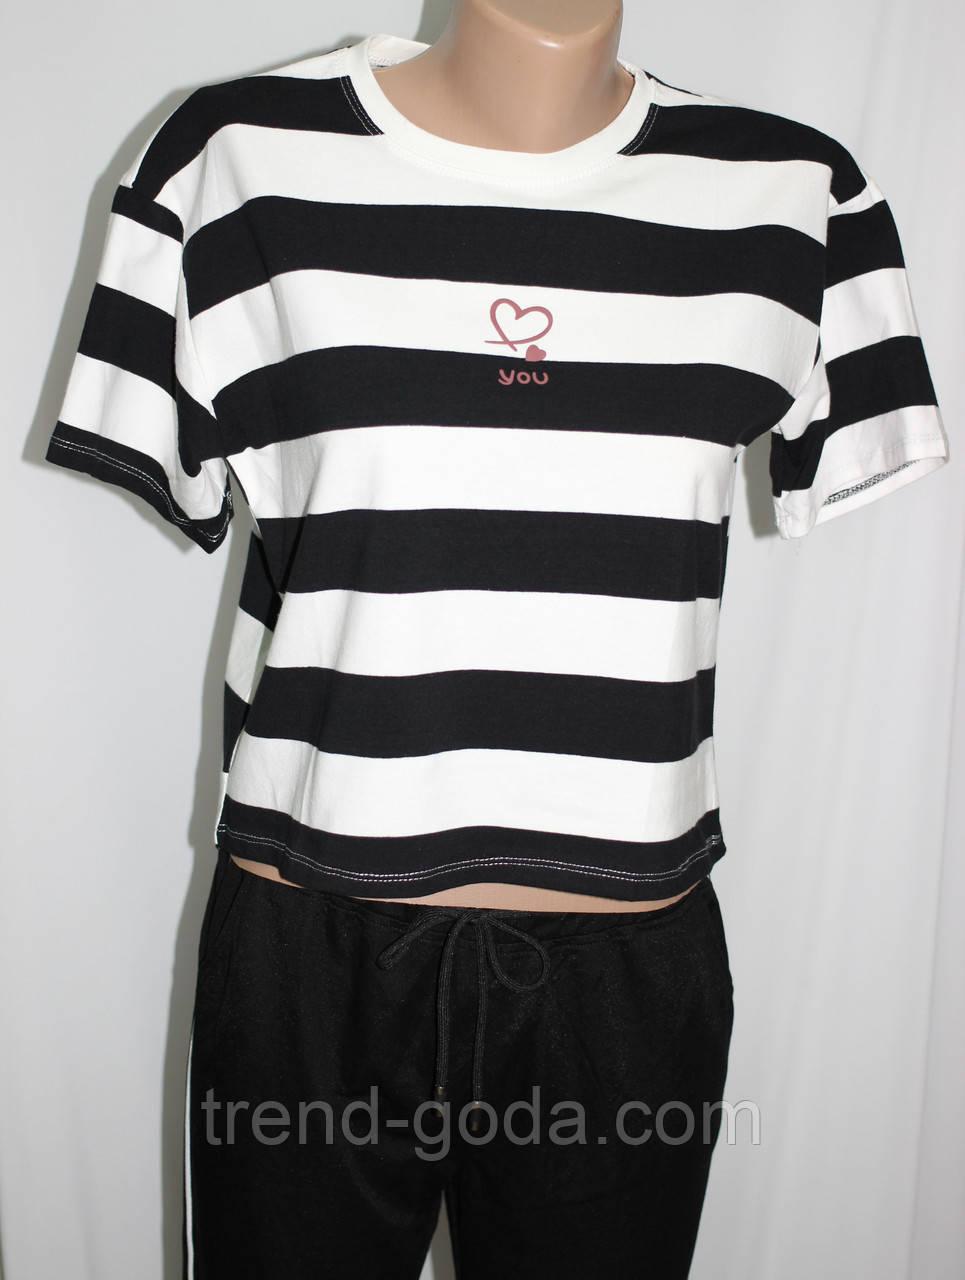 Футболка женская, белая в черную полоску